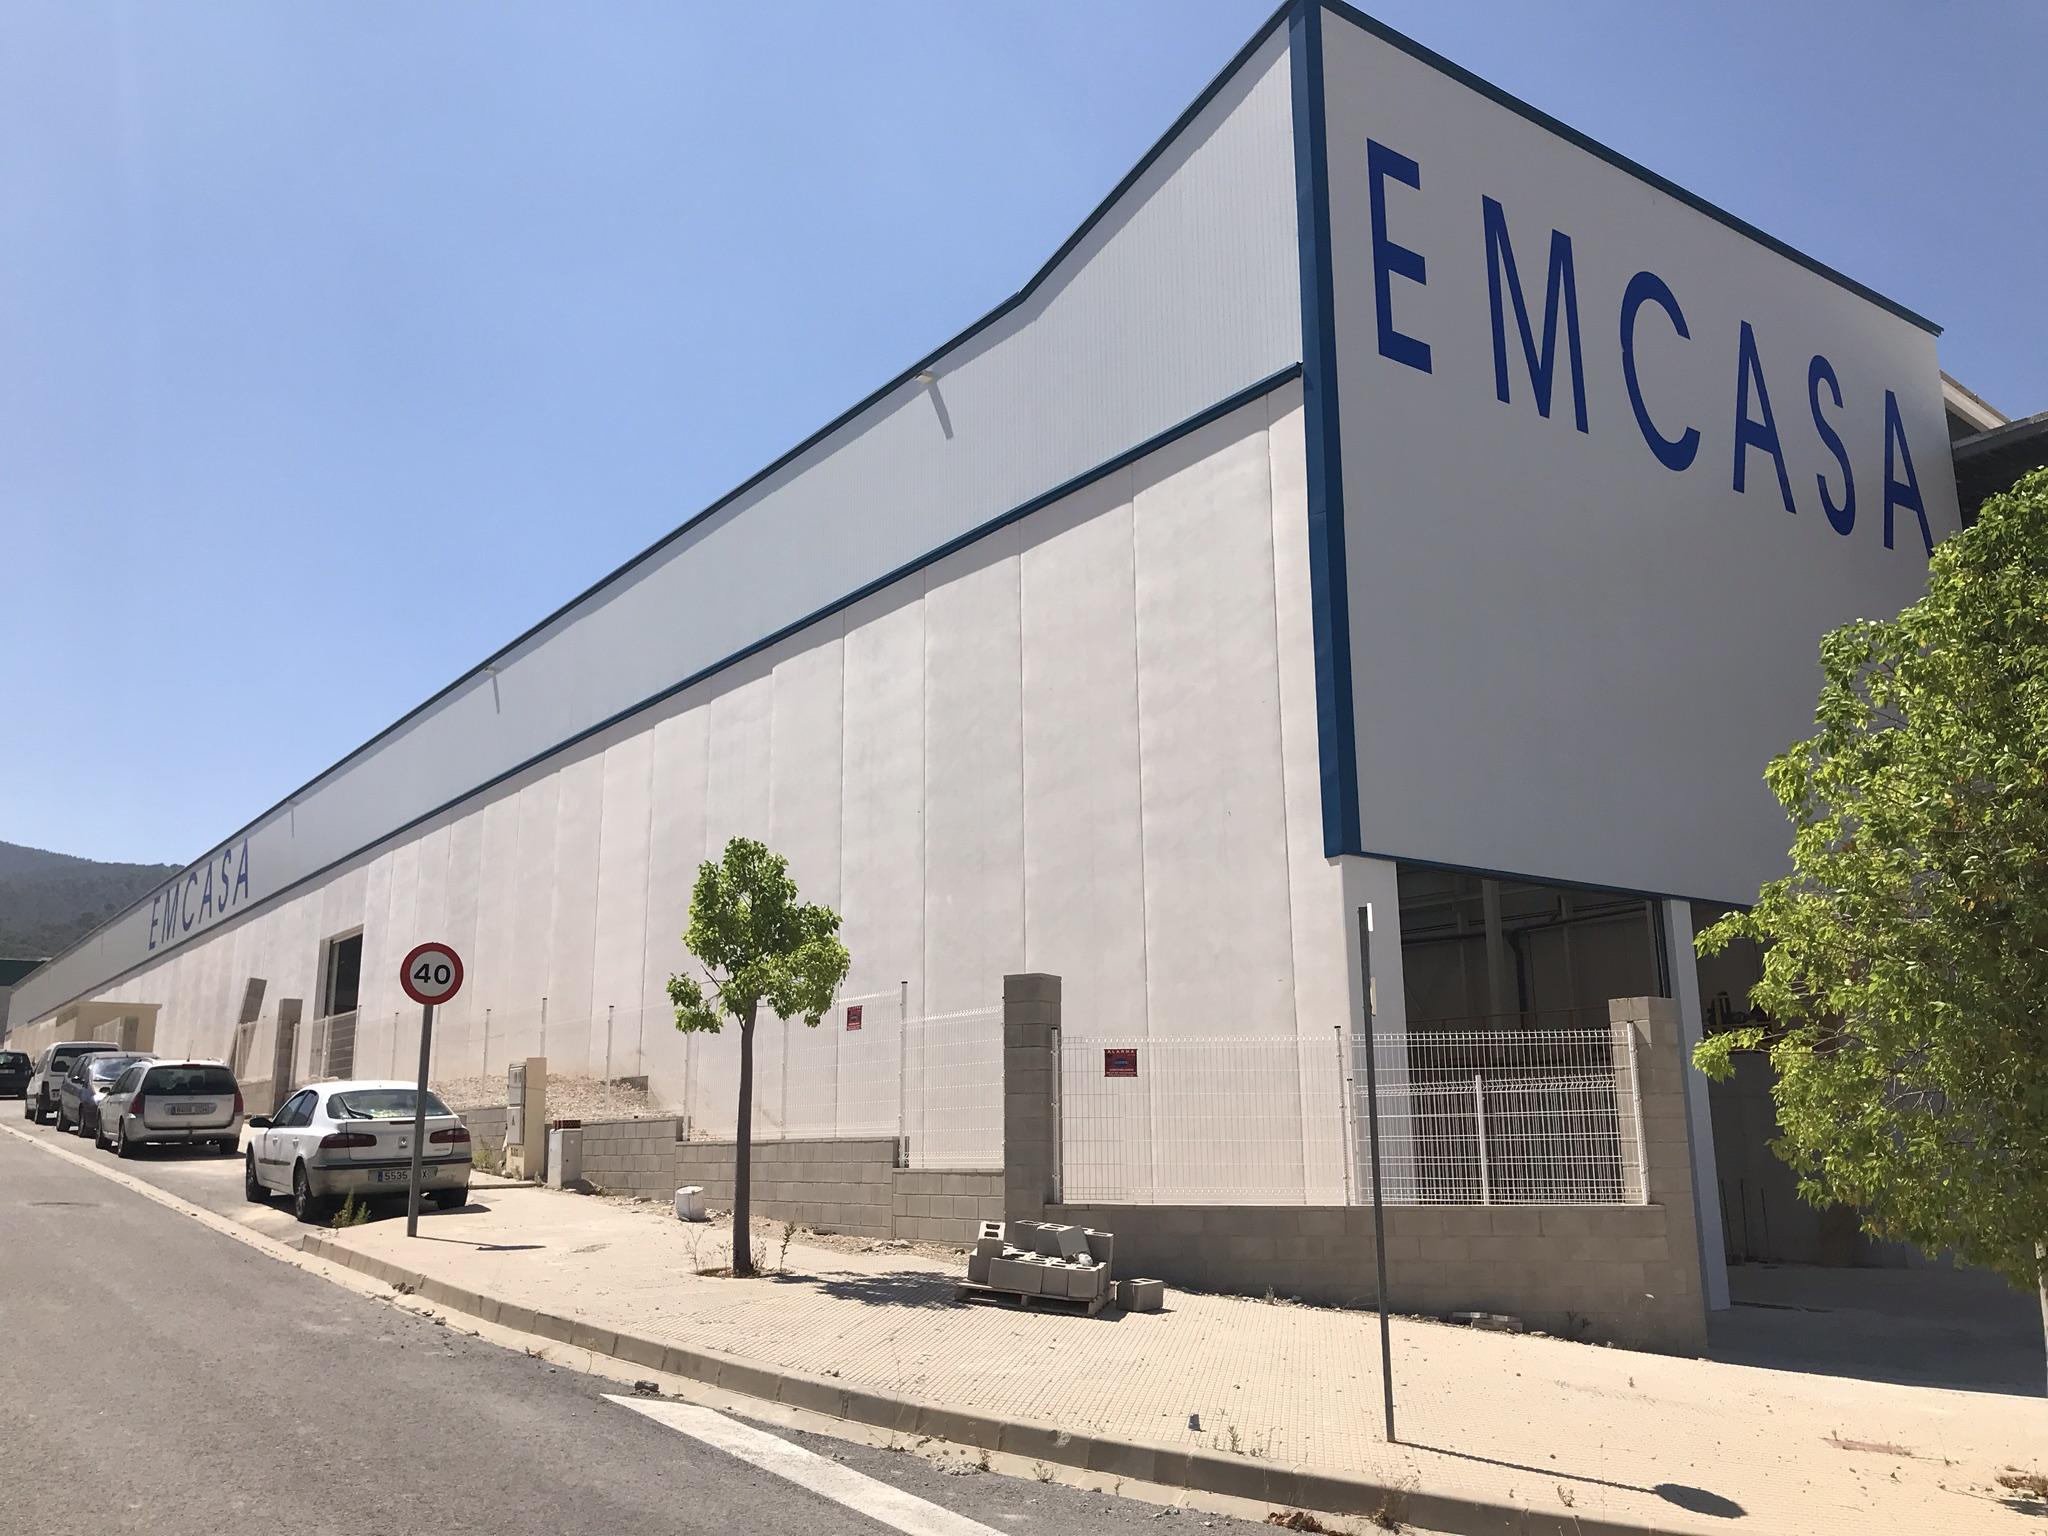 Estructuras Metalicas EMCASA